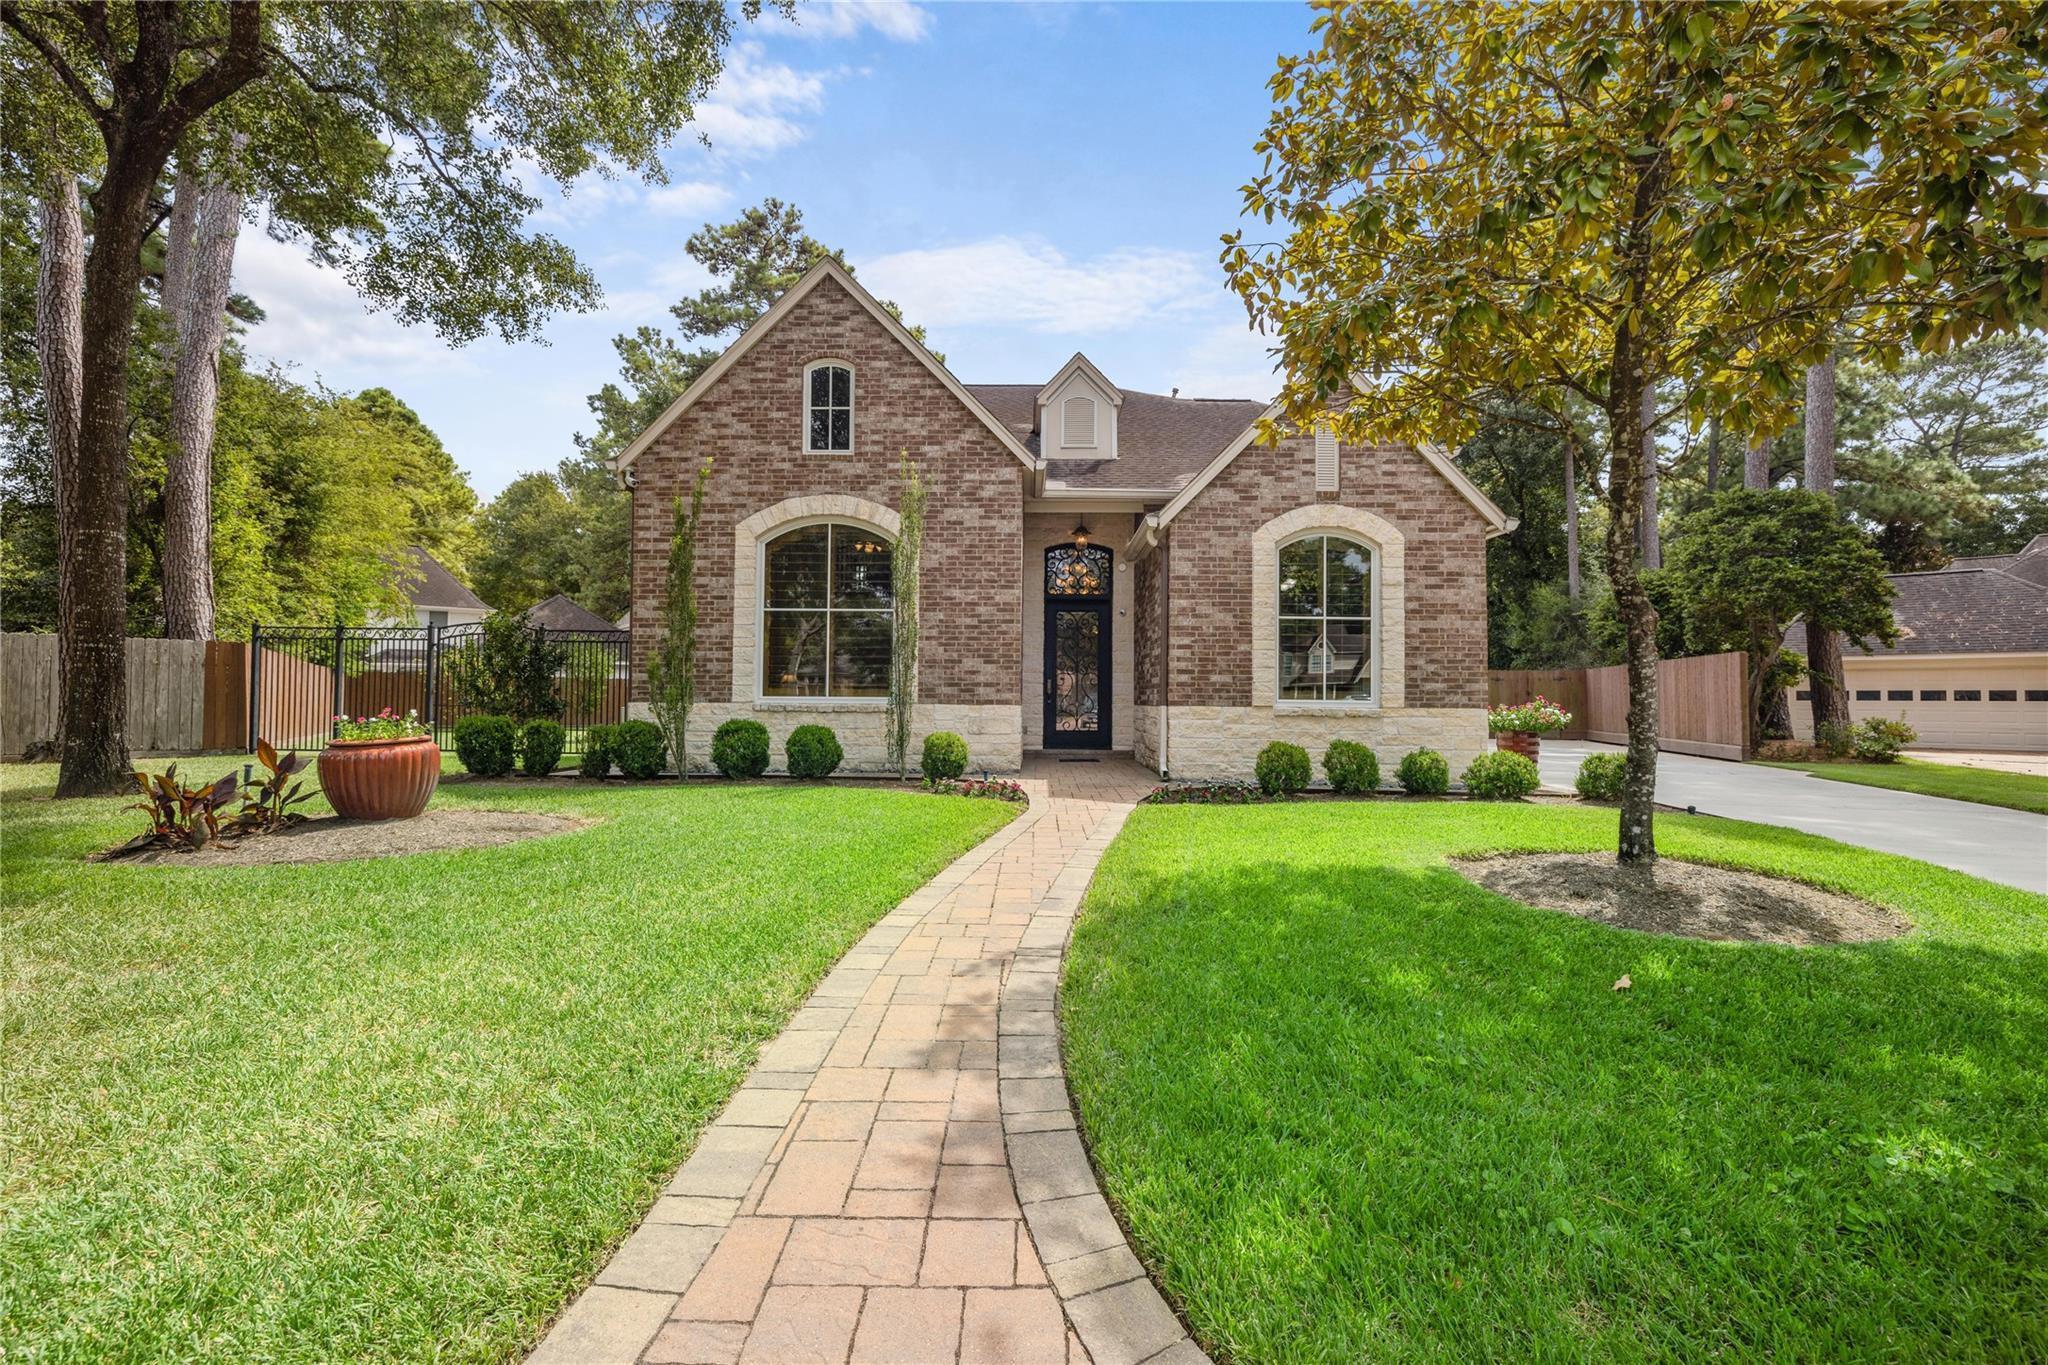 14203 Napier Court Property Photo - Houston, TX real estate listing